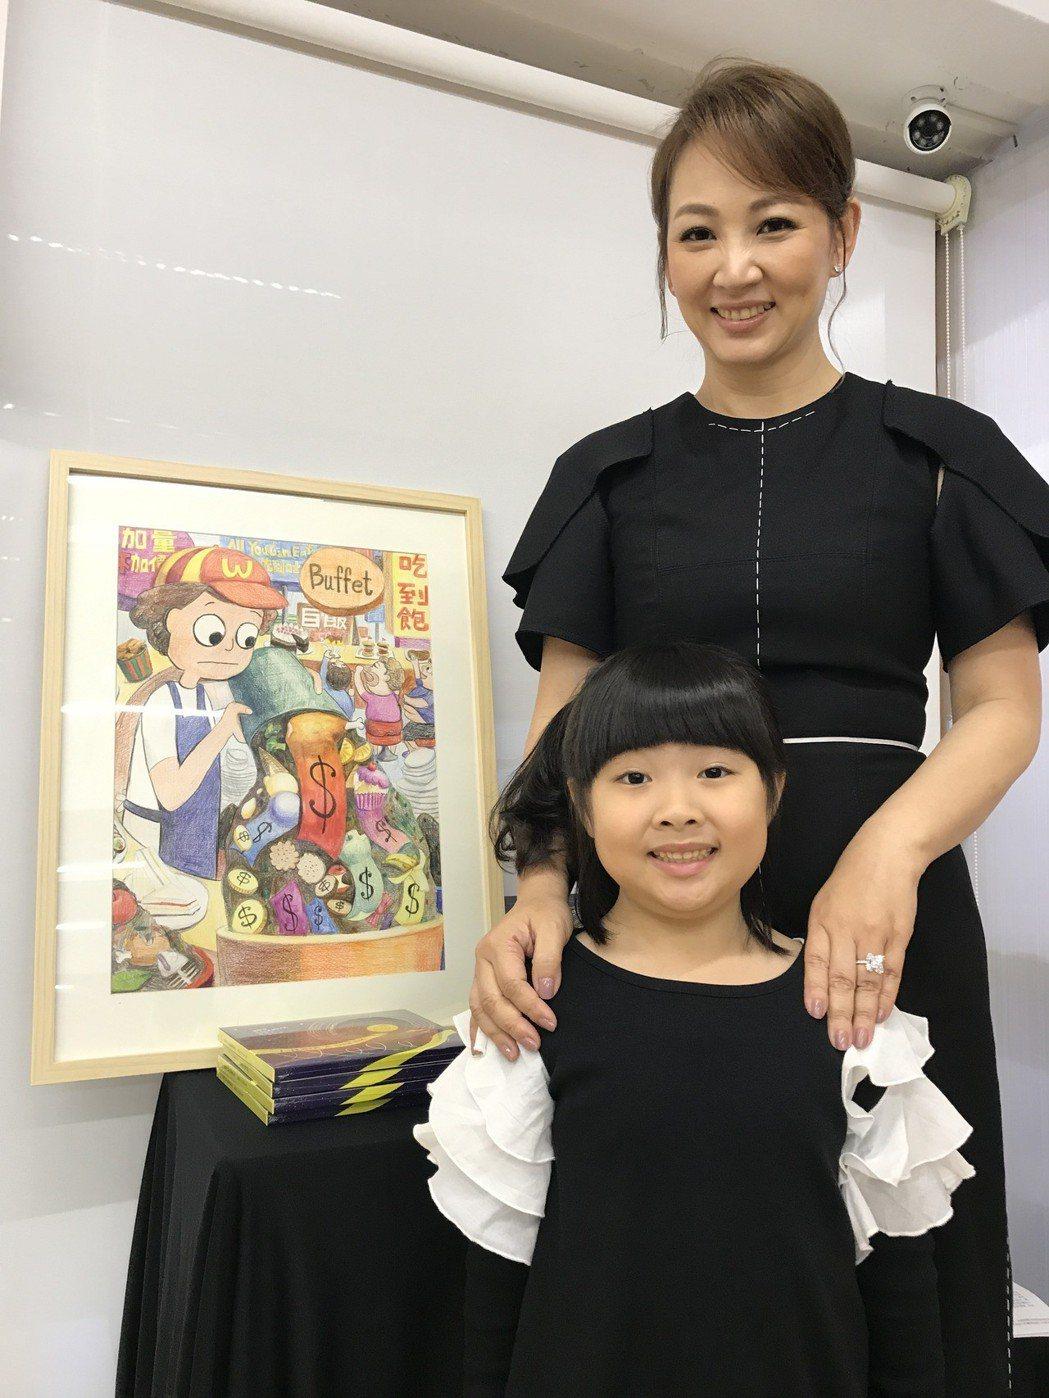 郁方跟女兒一起義賣兒子的畫作。記者葉君遠/攝影